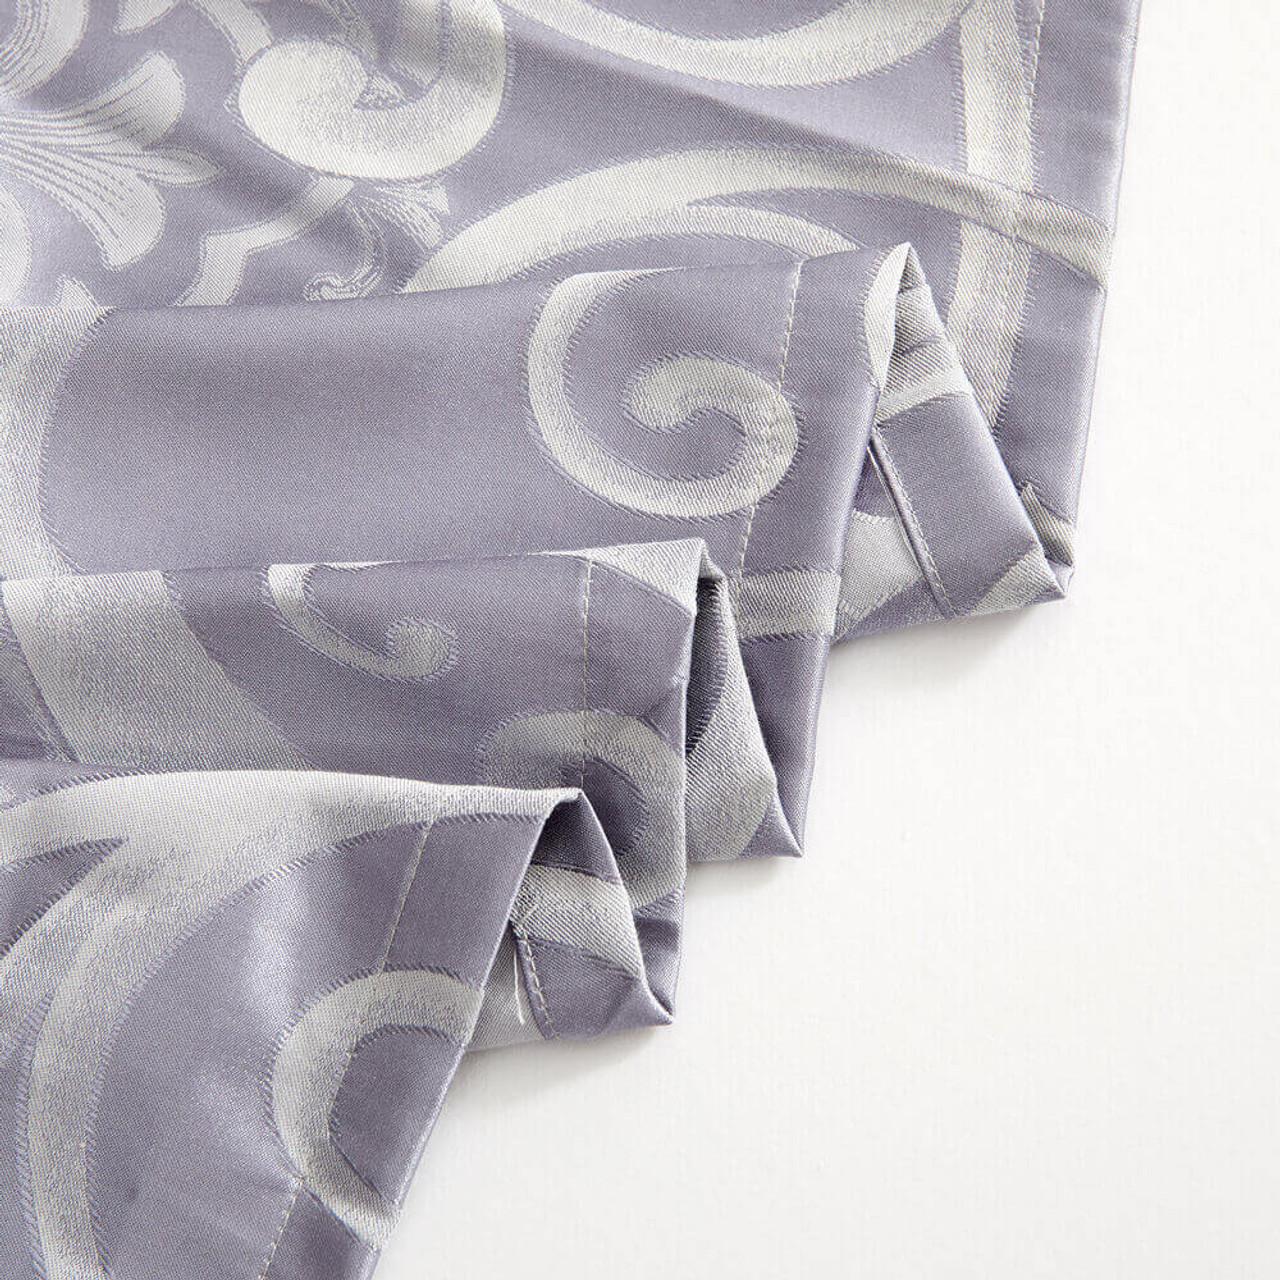 DMC718 Dolce Mela Curtain Panel Semi-Blackout Drapes